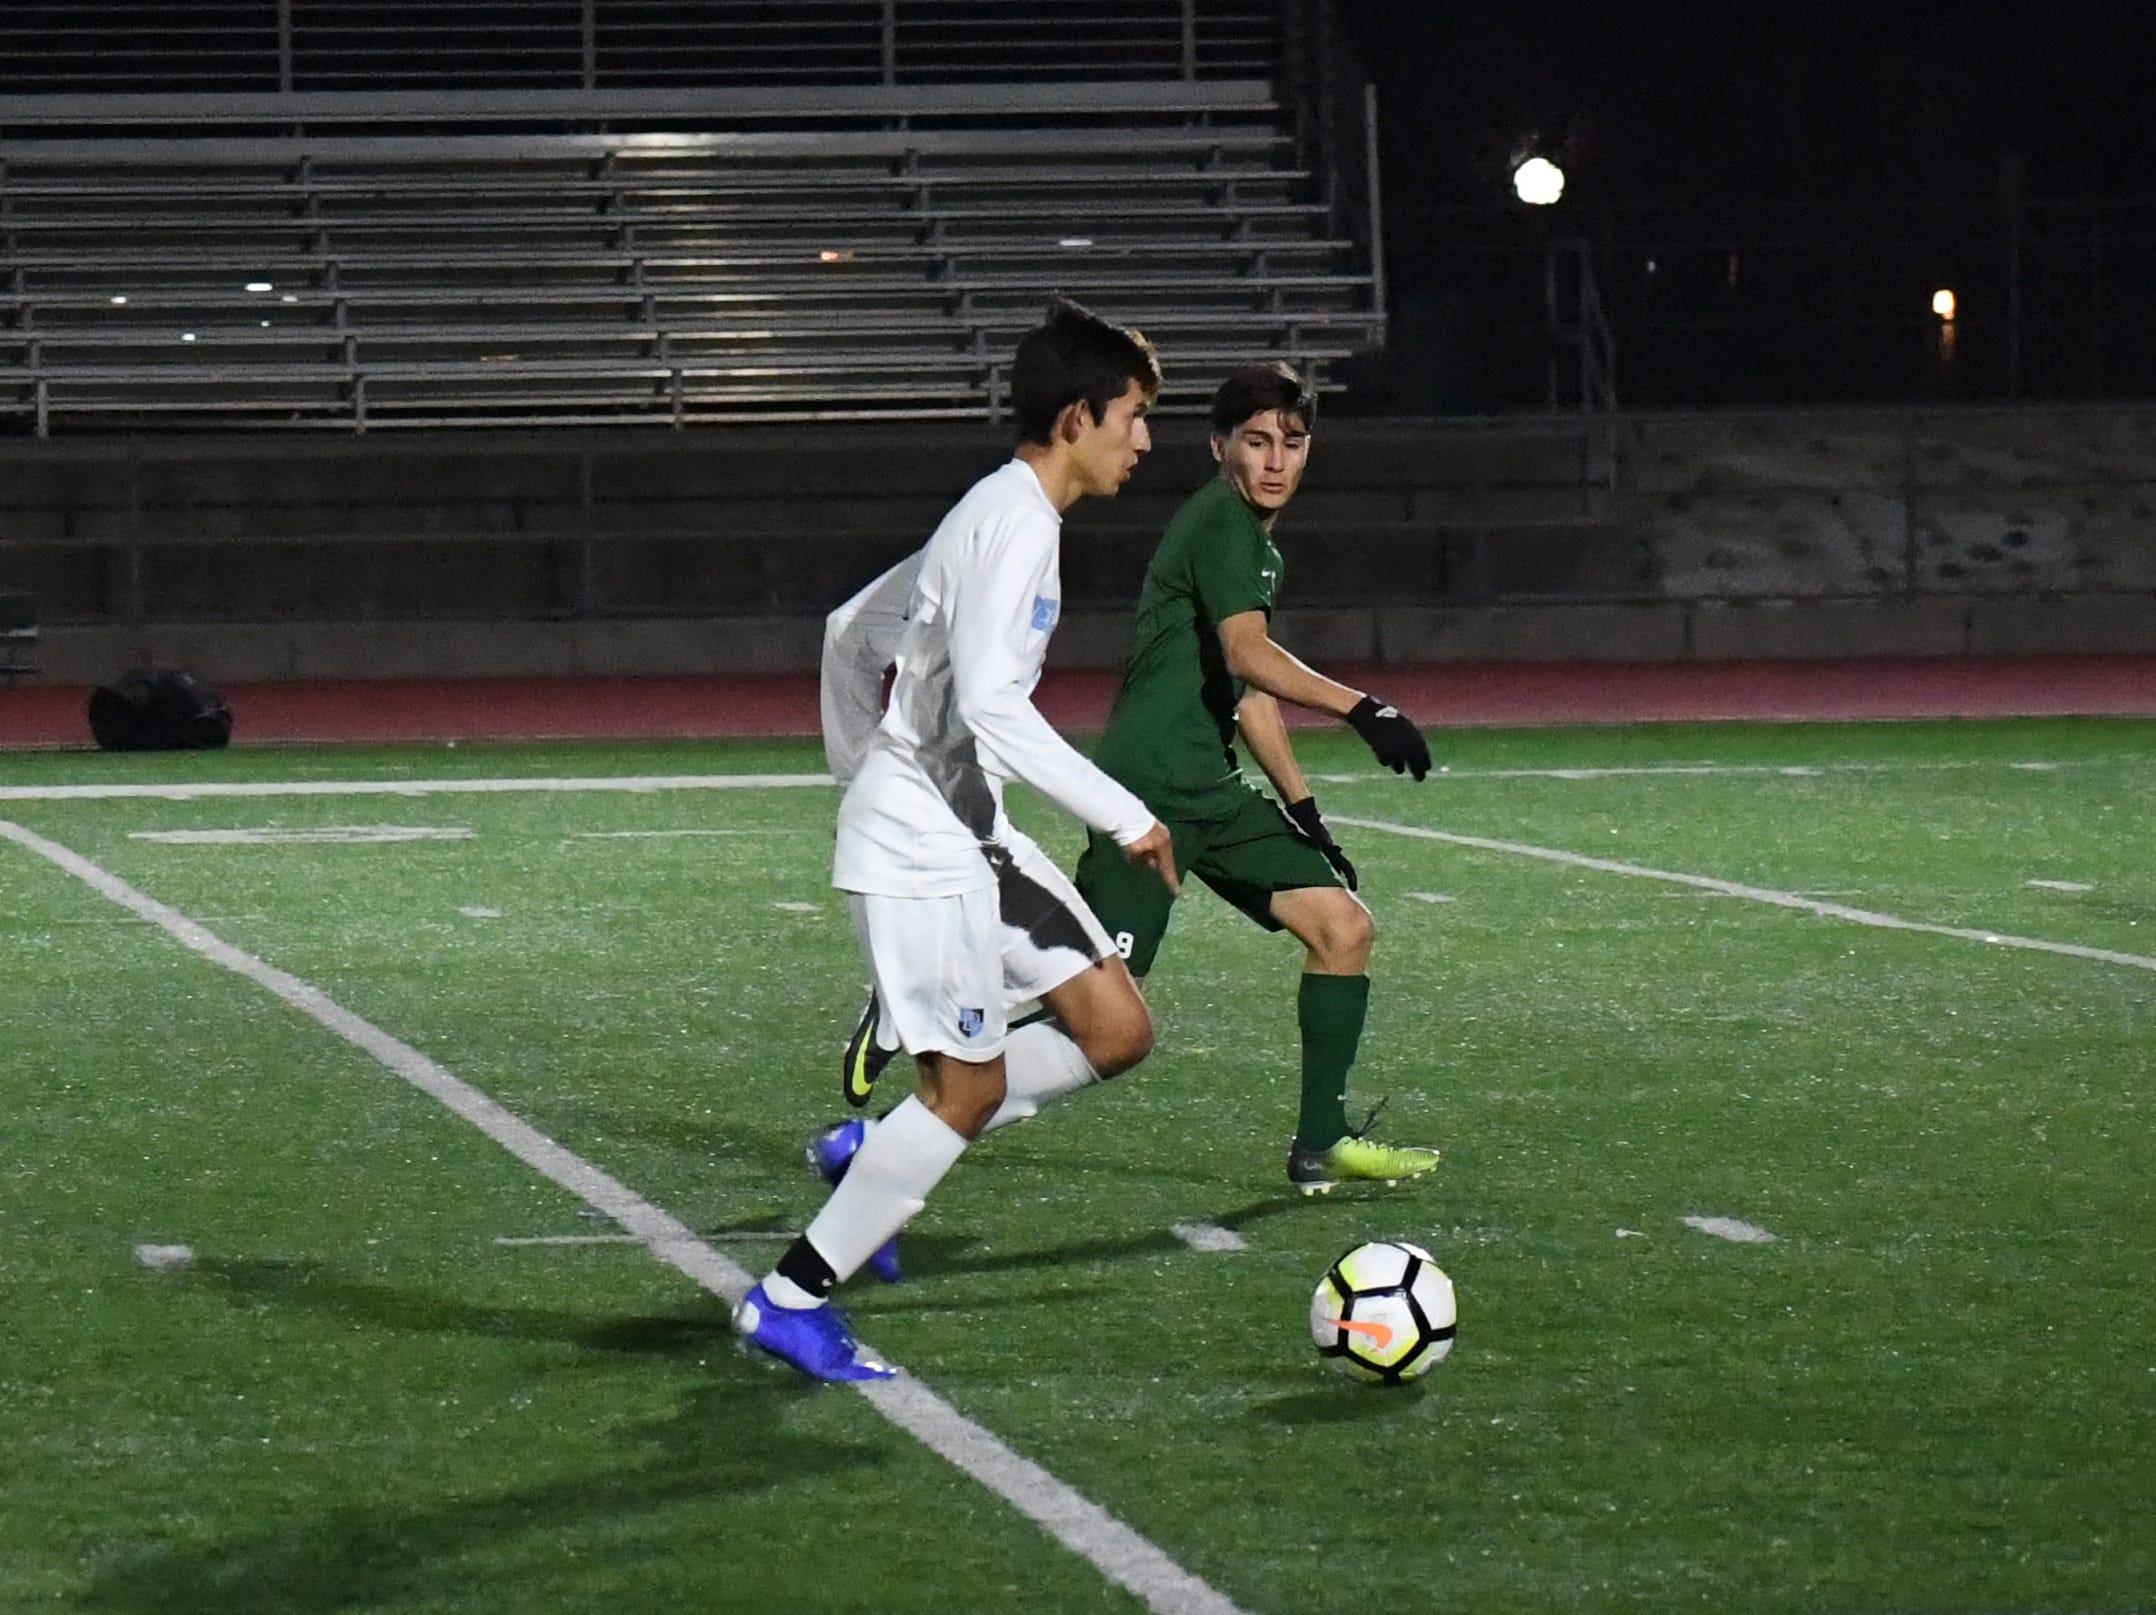 Midfielder Ruben Vasquez (9) sprints up to defend against a Bellarmine forward.